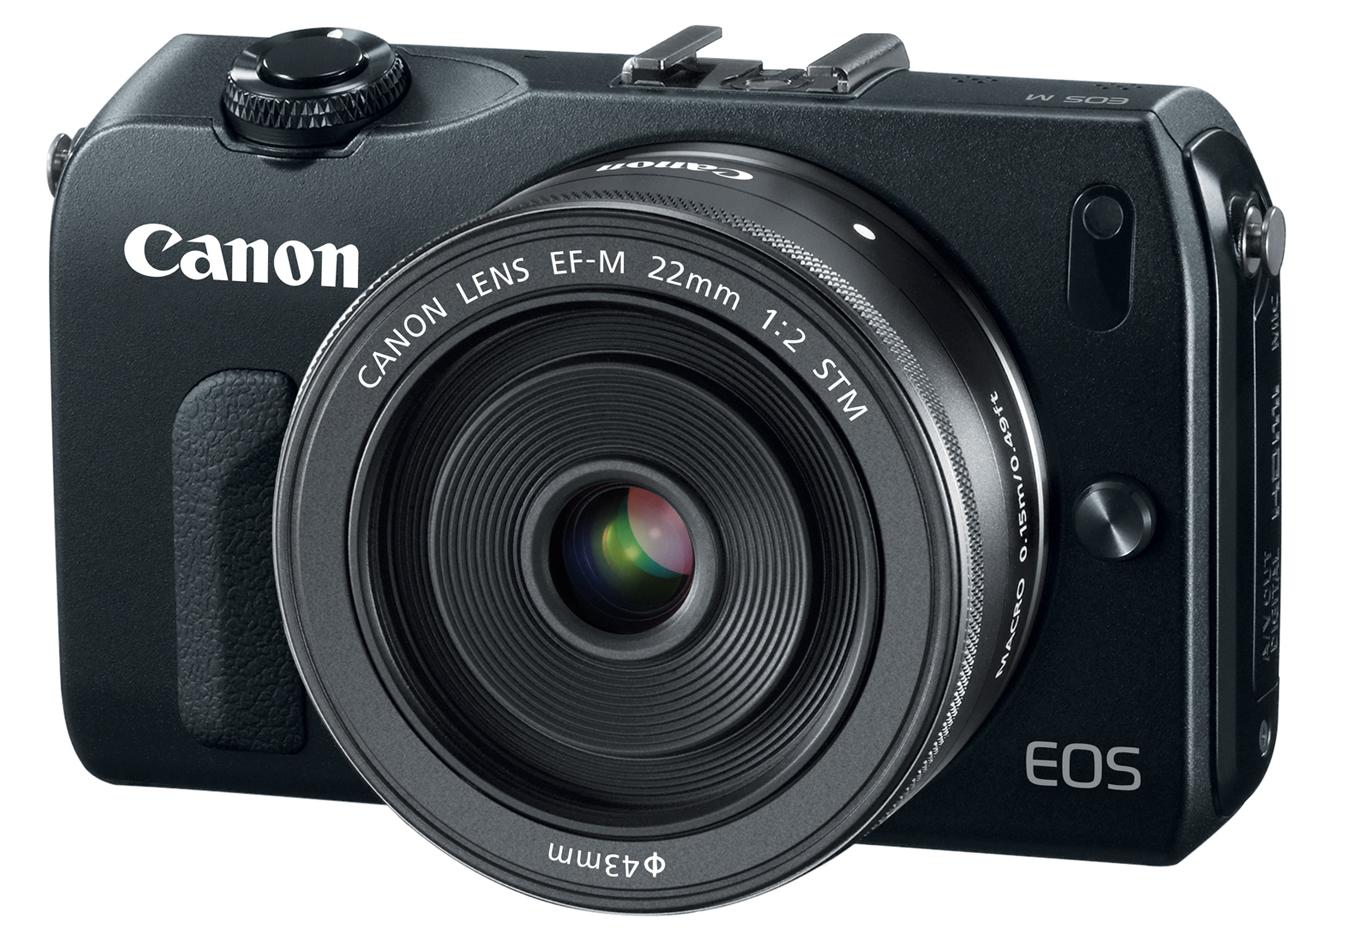 Canon EOS M3 vs Original Canon EOS M